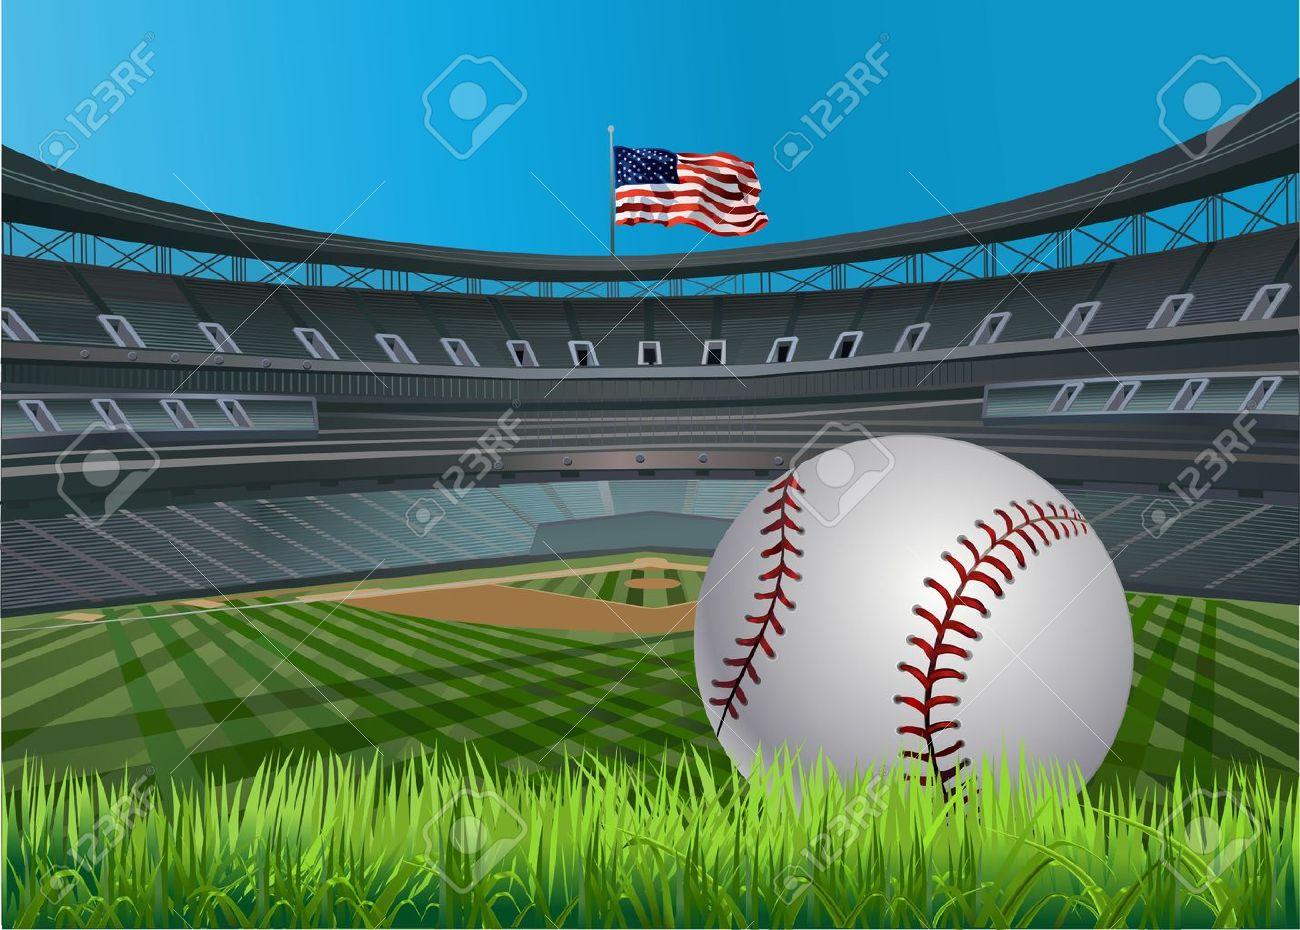 Baseball ball and Baseball stadium and a baseball diamond with green grass - 10105882